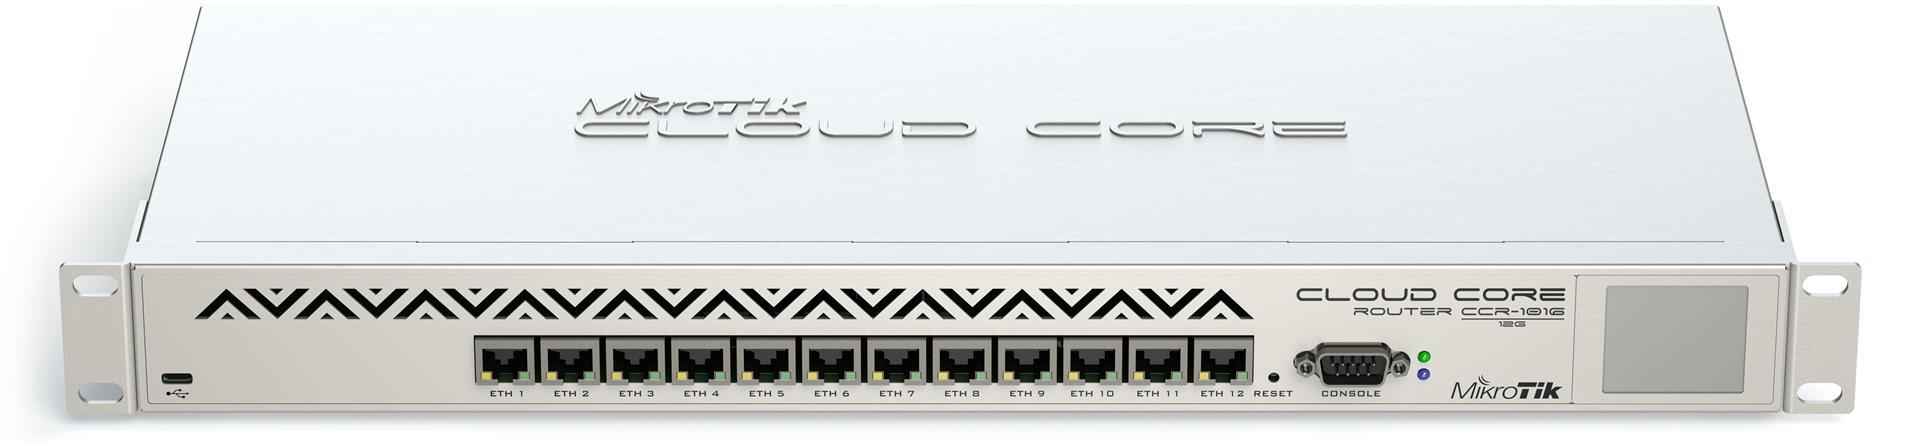 MikroTik Cloud Core Router CCR1016, 12x Gbit LAN, dotykové LCD, vč. L6